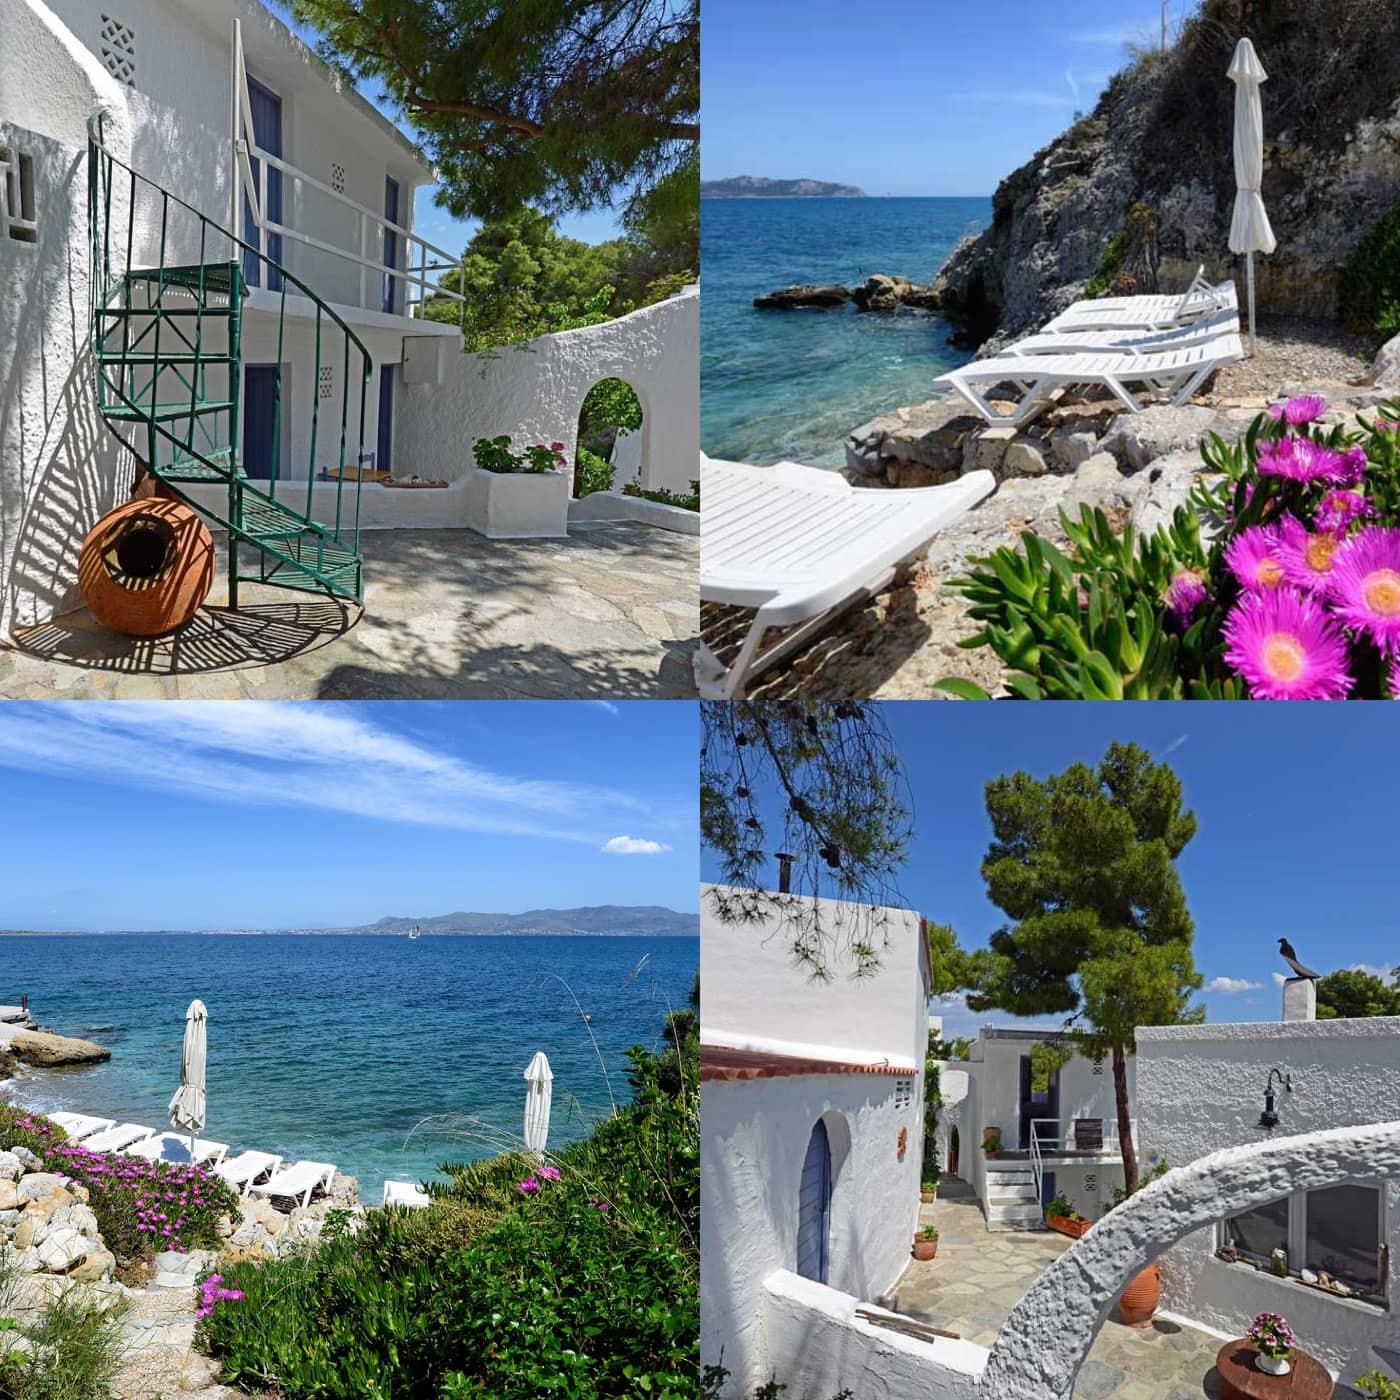 Familienurlaub auf griechischer Insel bei Rosy's Little Village // HIMBEER